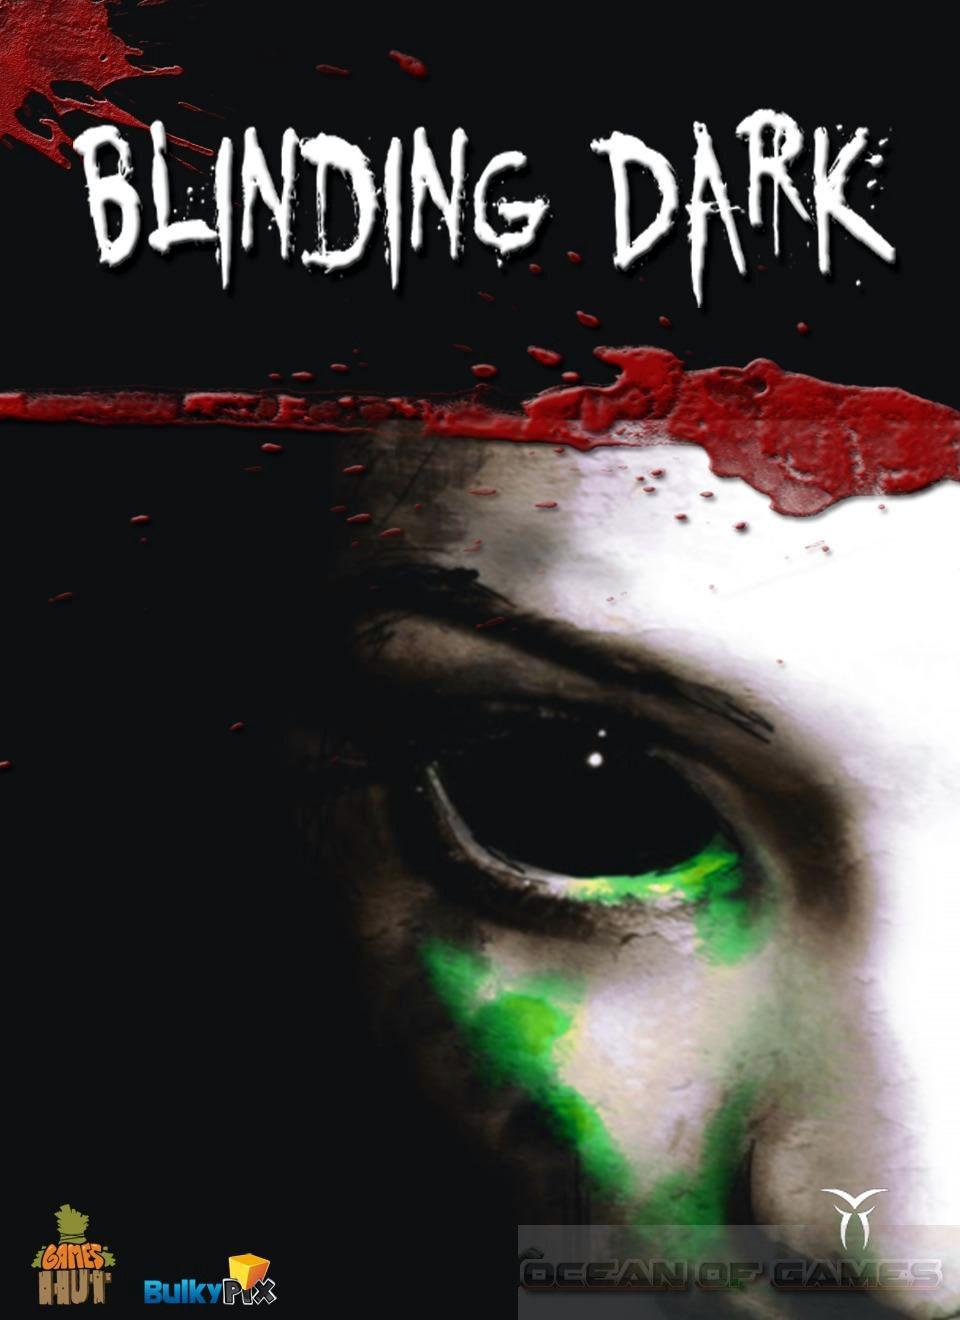 Blinding Dark – SKIDROW (2014)